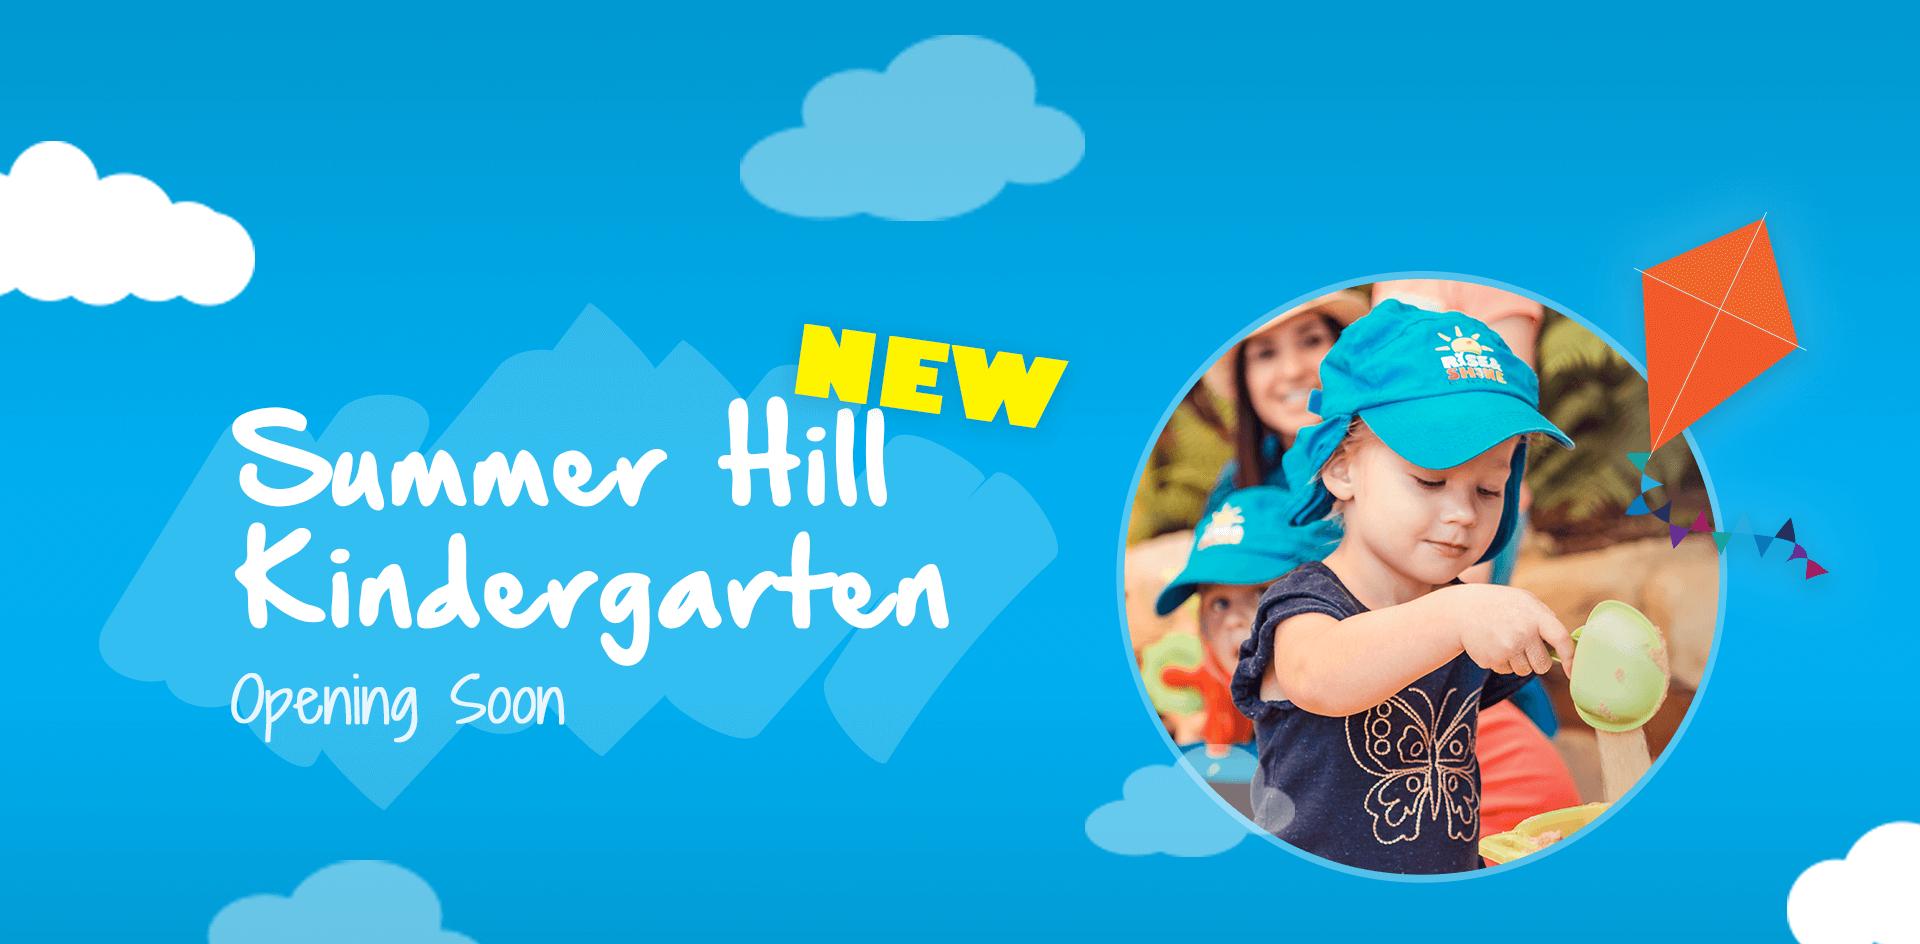 New Summer Hill Kindergarten